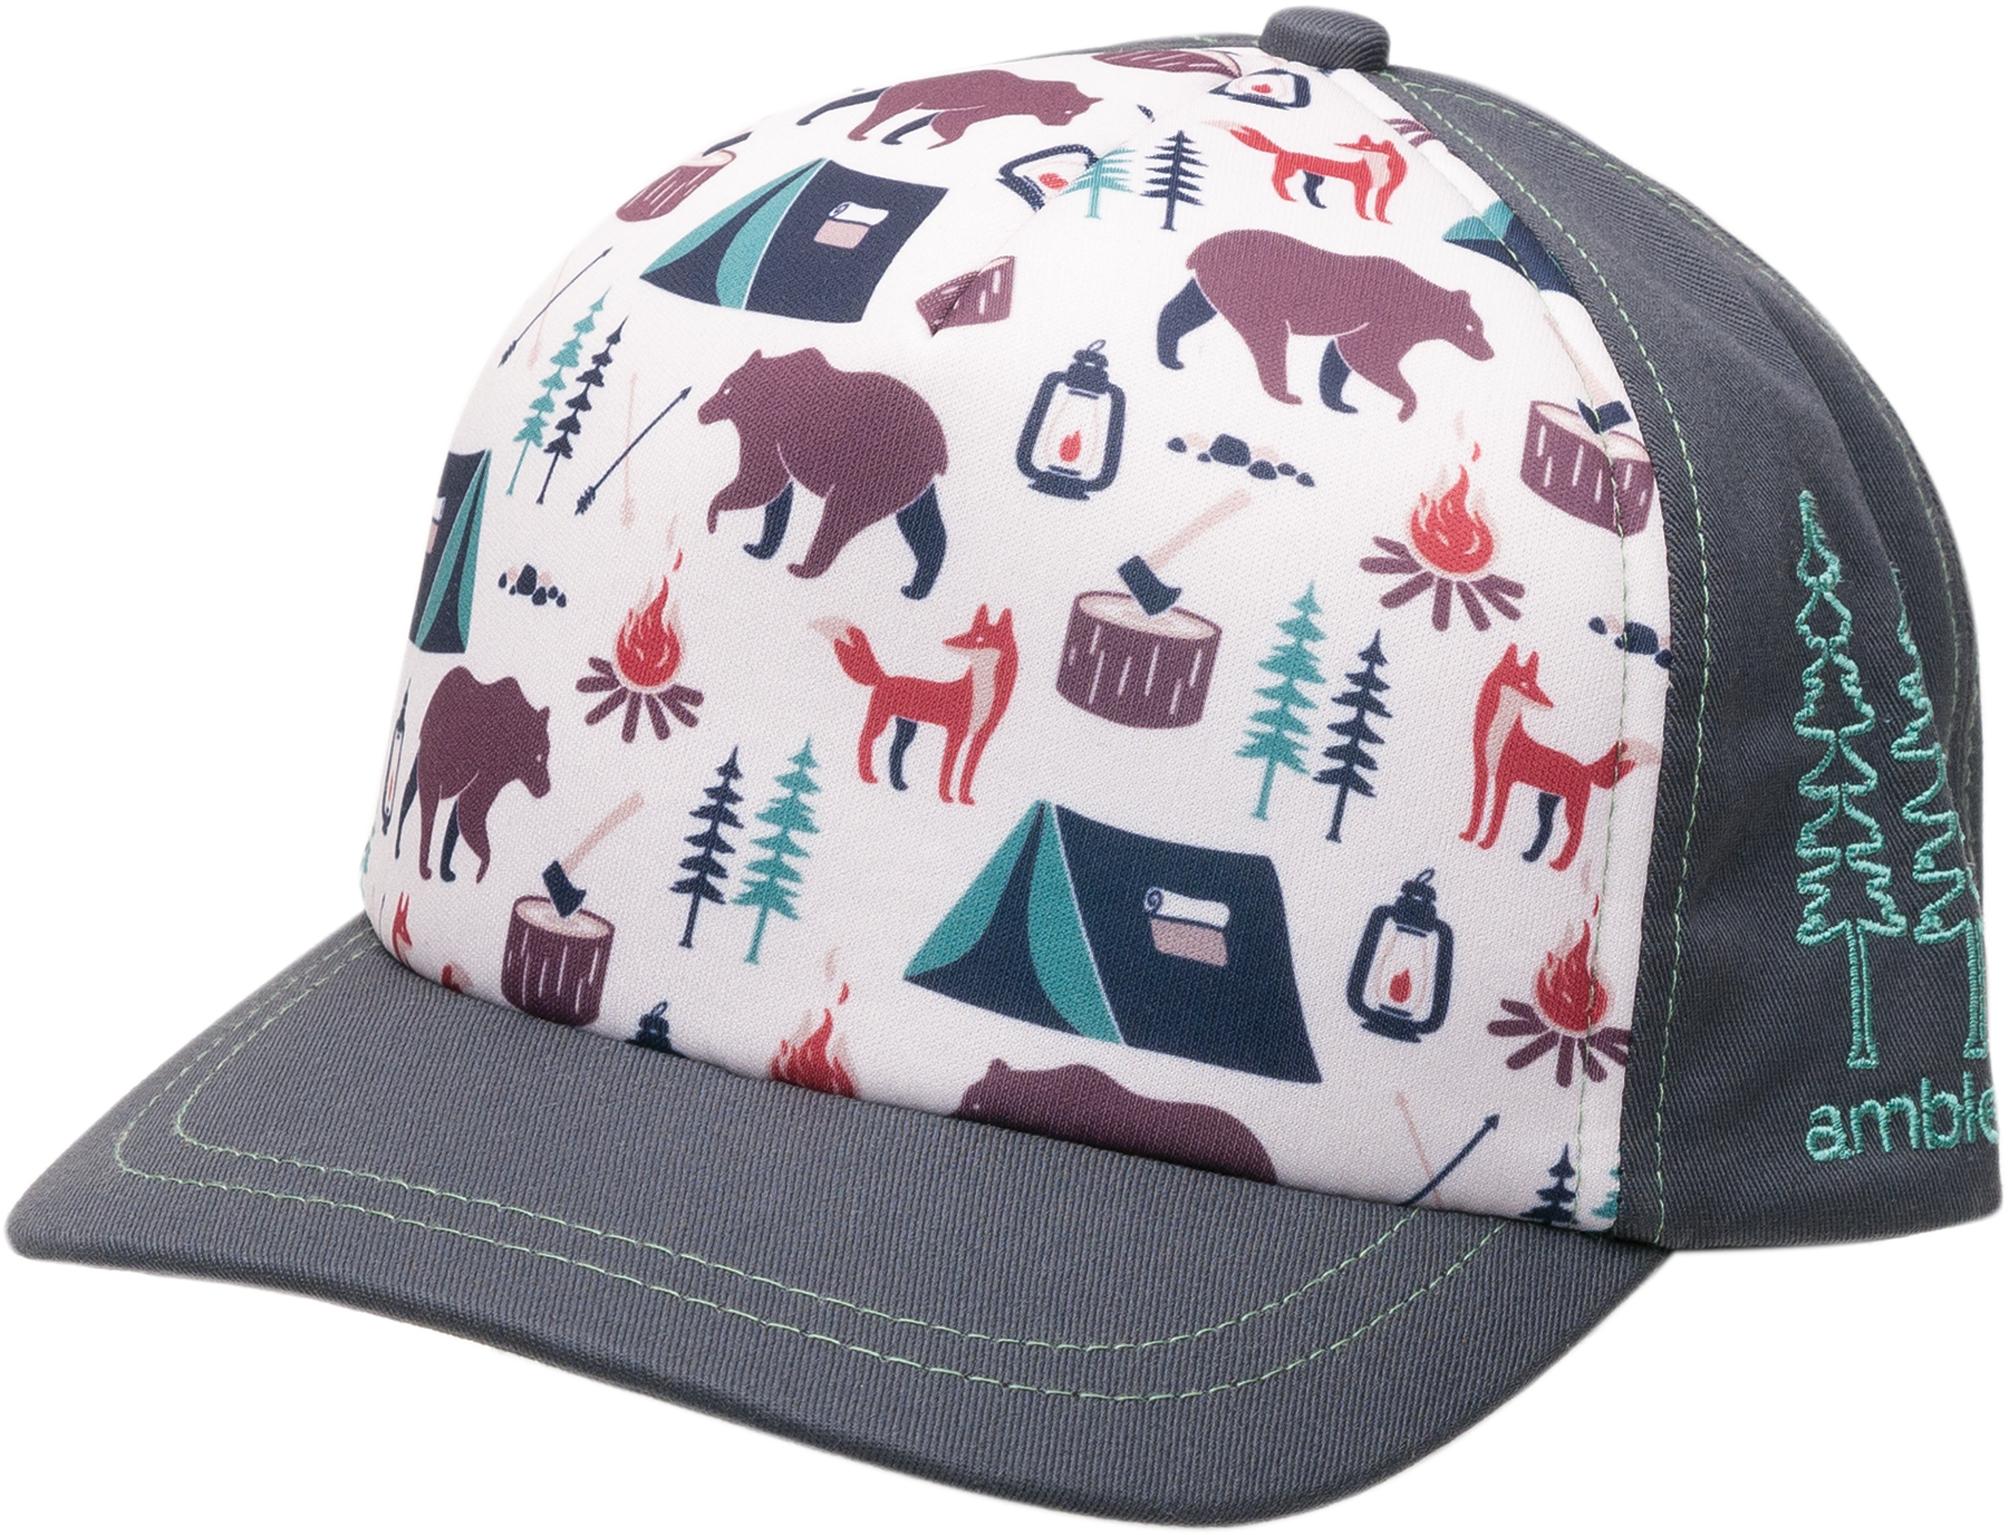 8b1c6d3f5 Hats and toques